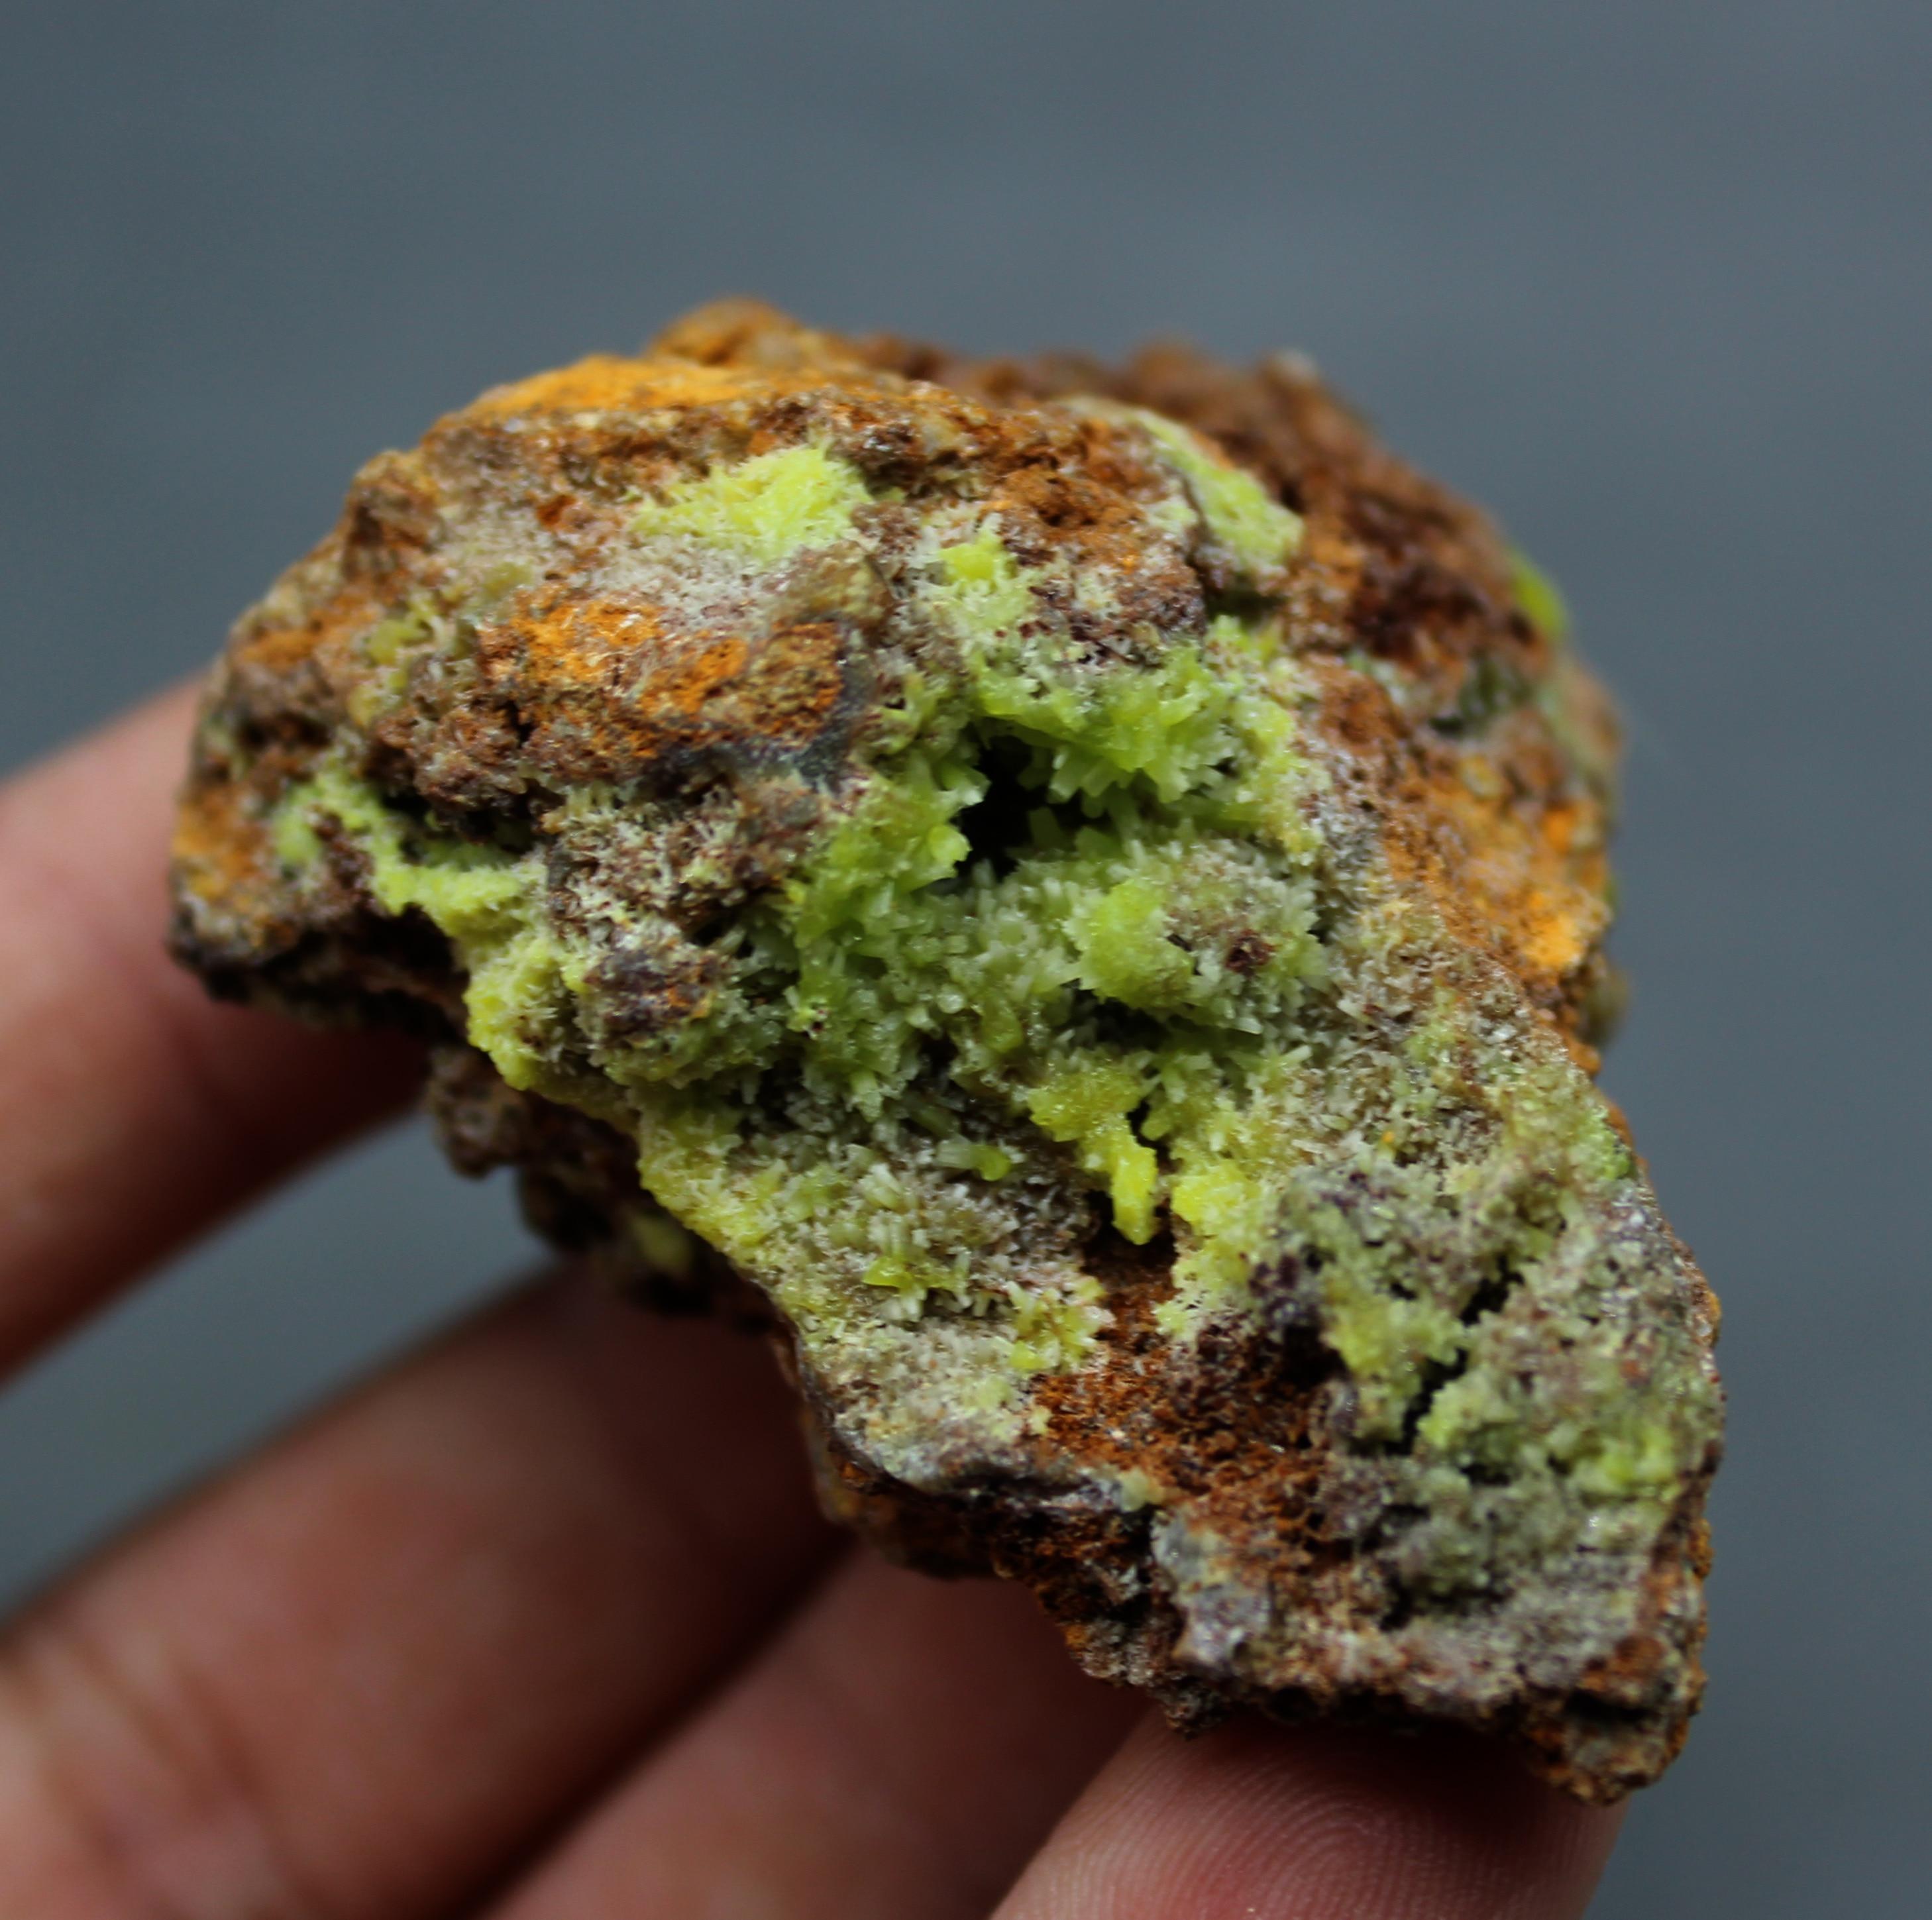 107g natural raro piromorfita mineral de plomo verde Cristales minerales naturales colección de muestras de enseñanza de China